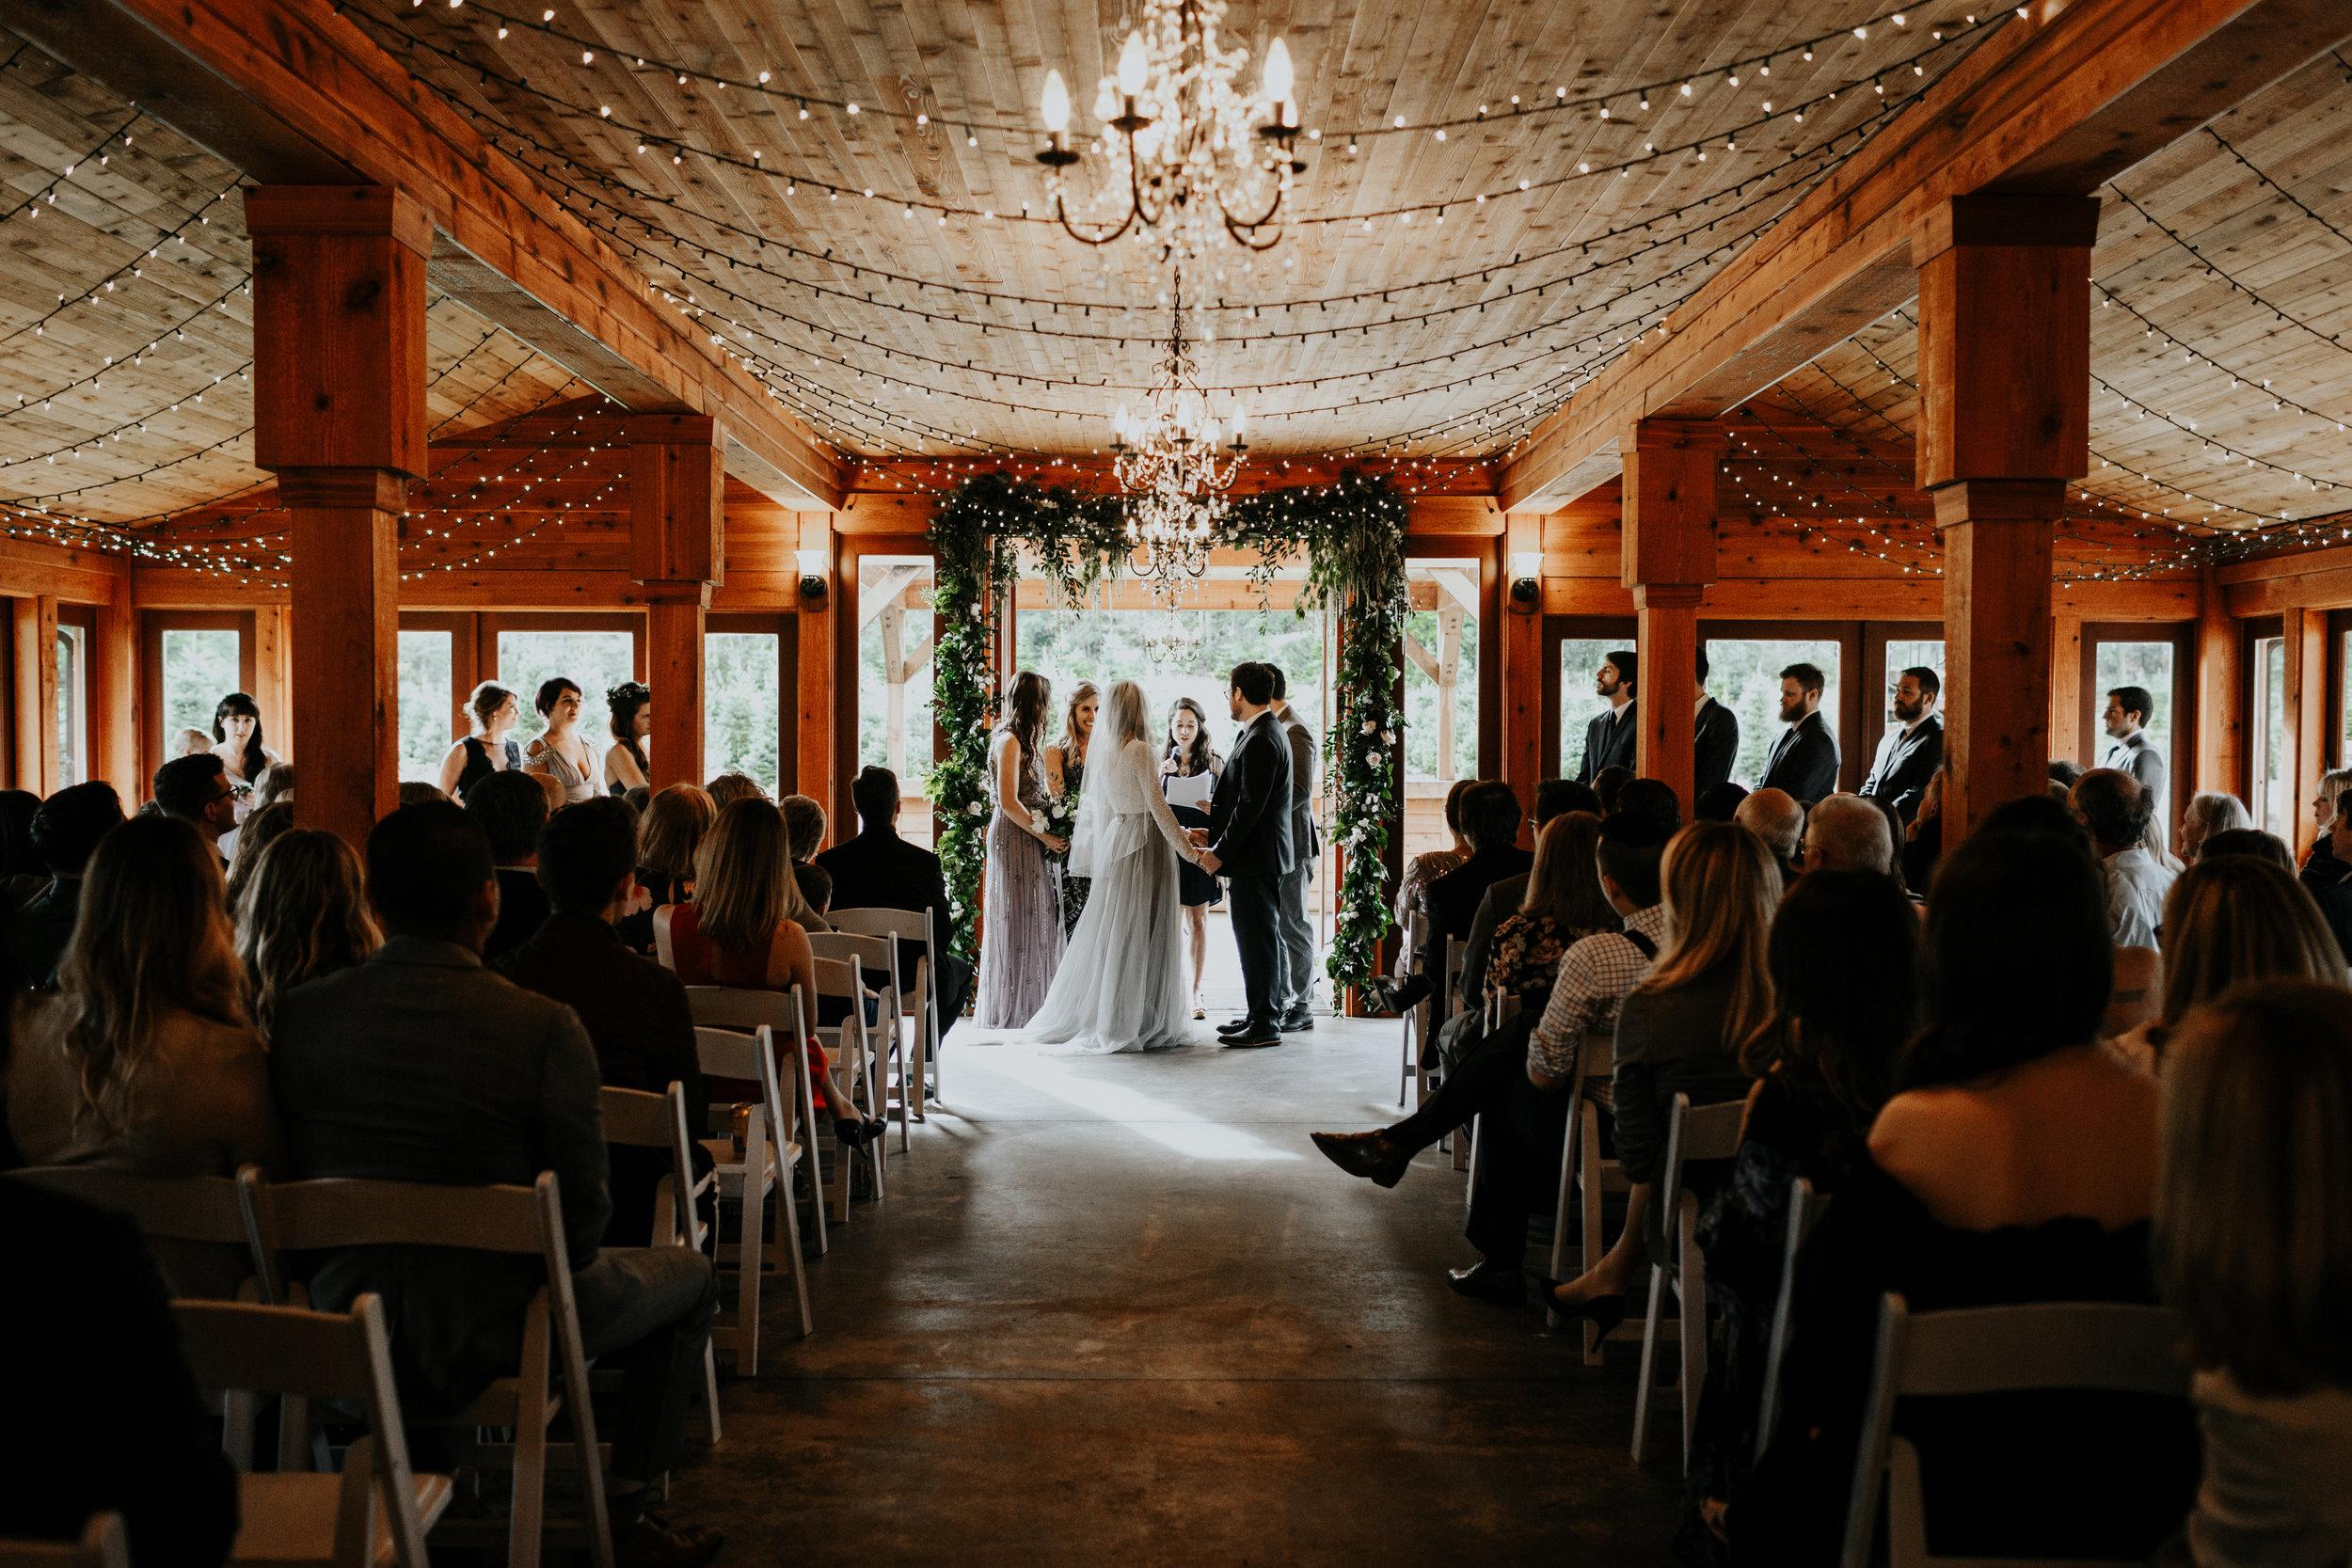 ginapaulson-courtnyandryan-wedding-653.jpg